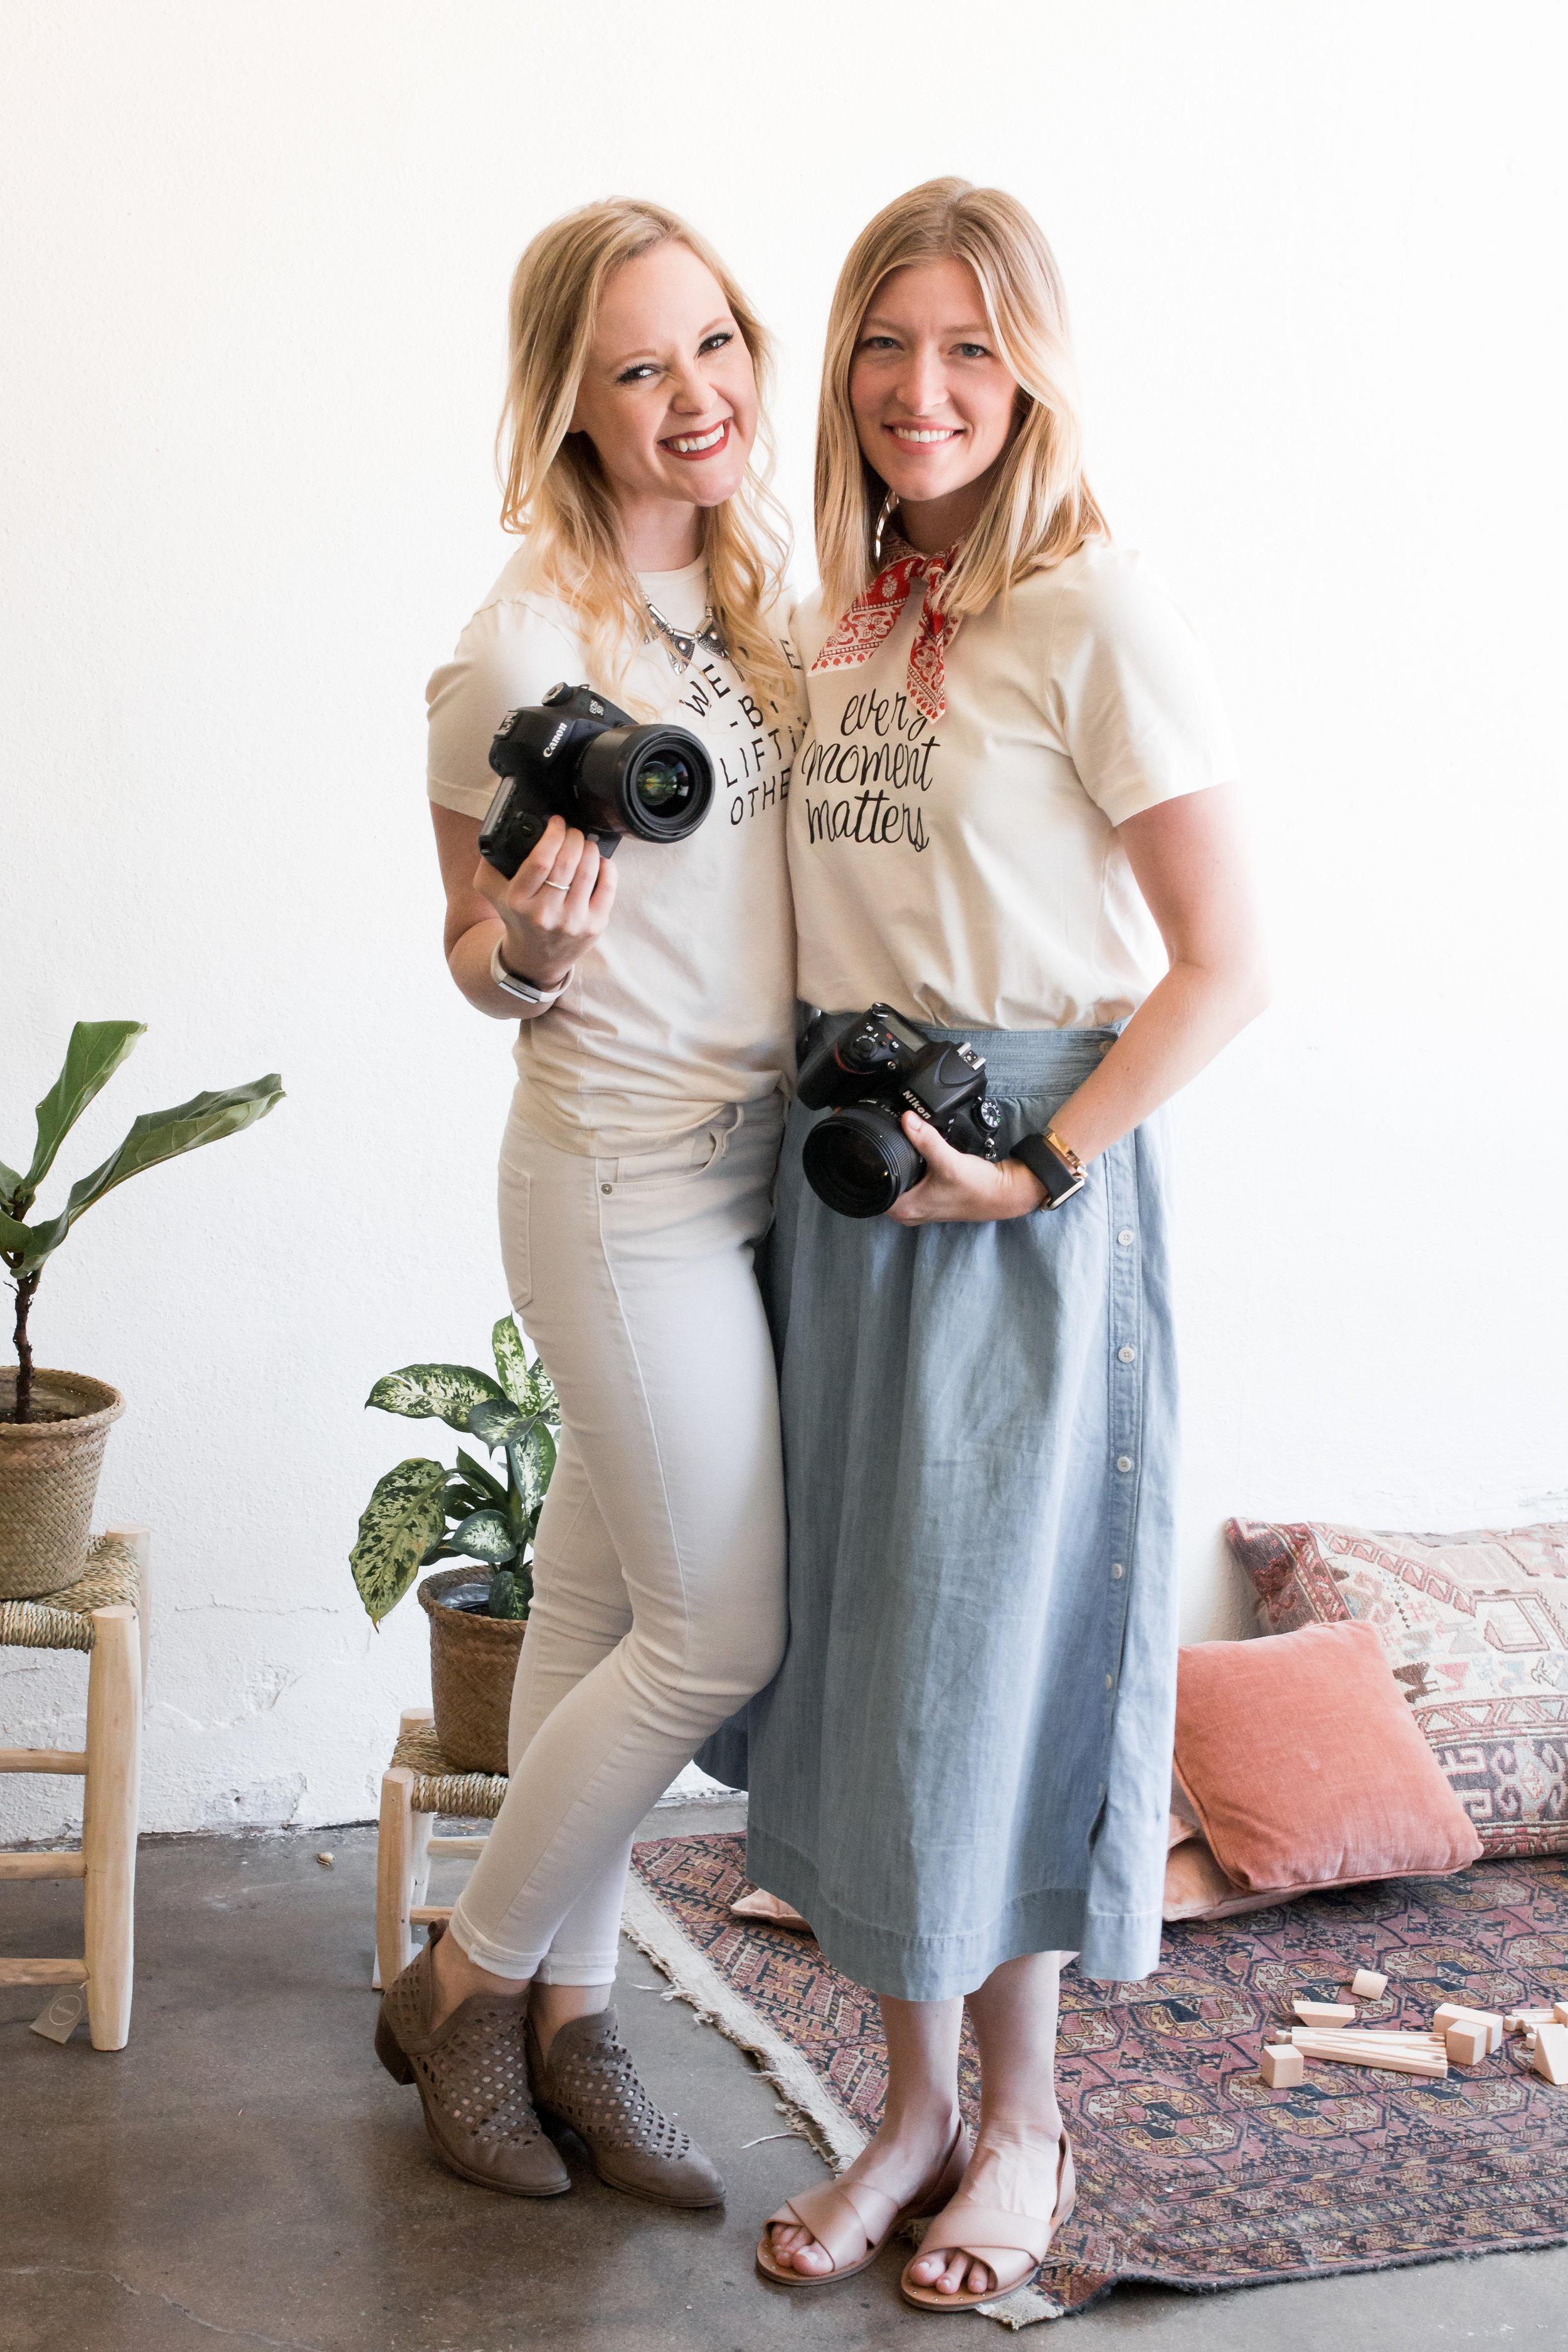 Angela & Kacey,  Kindred Photography Workshop  Instructors